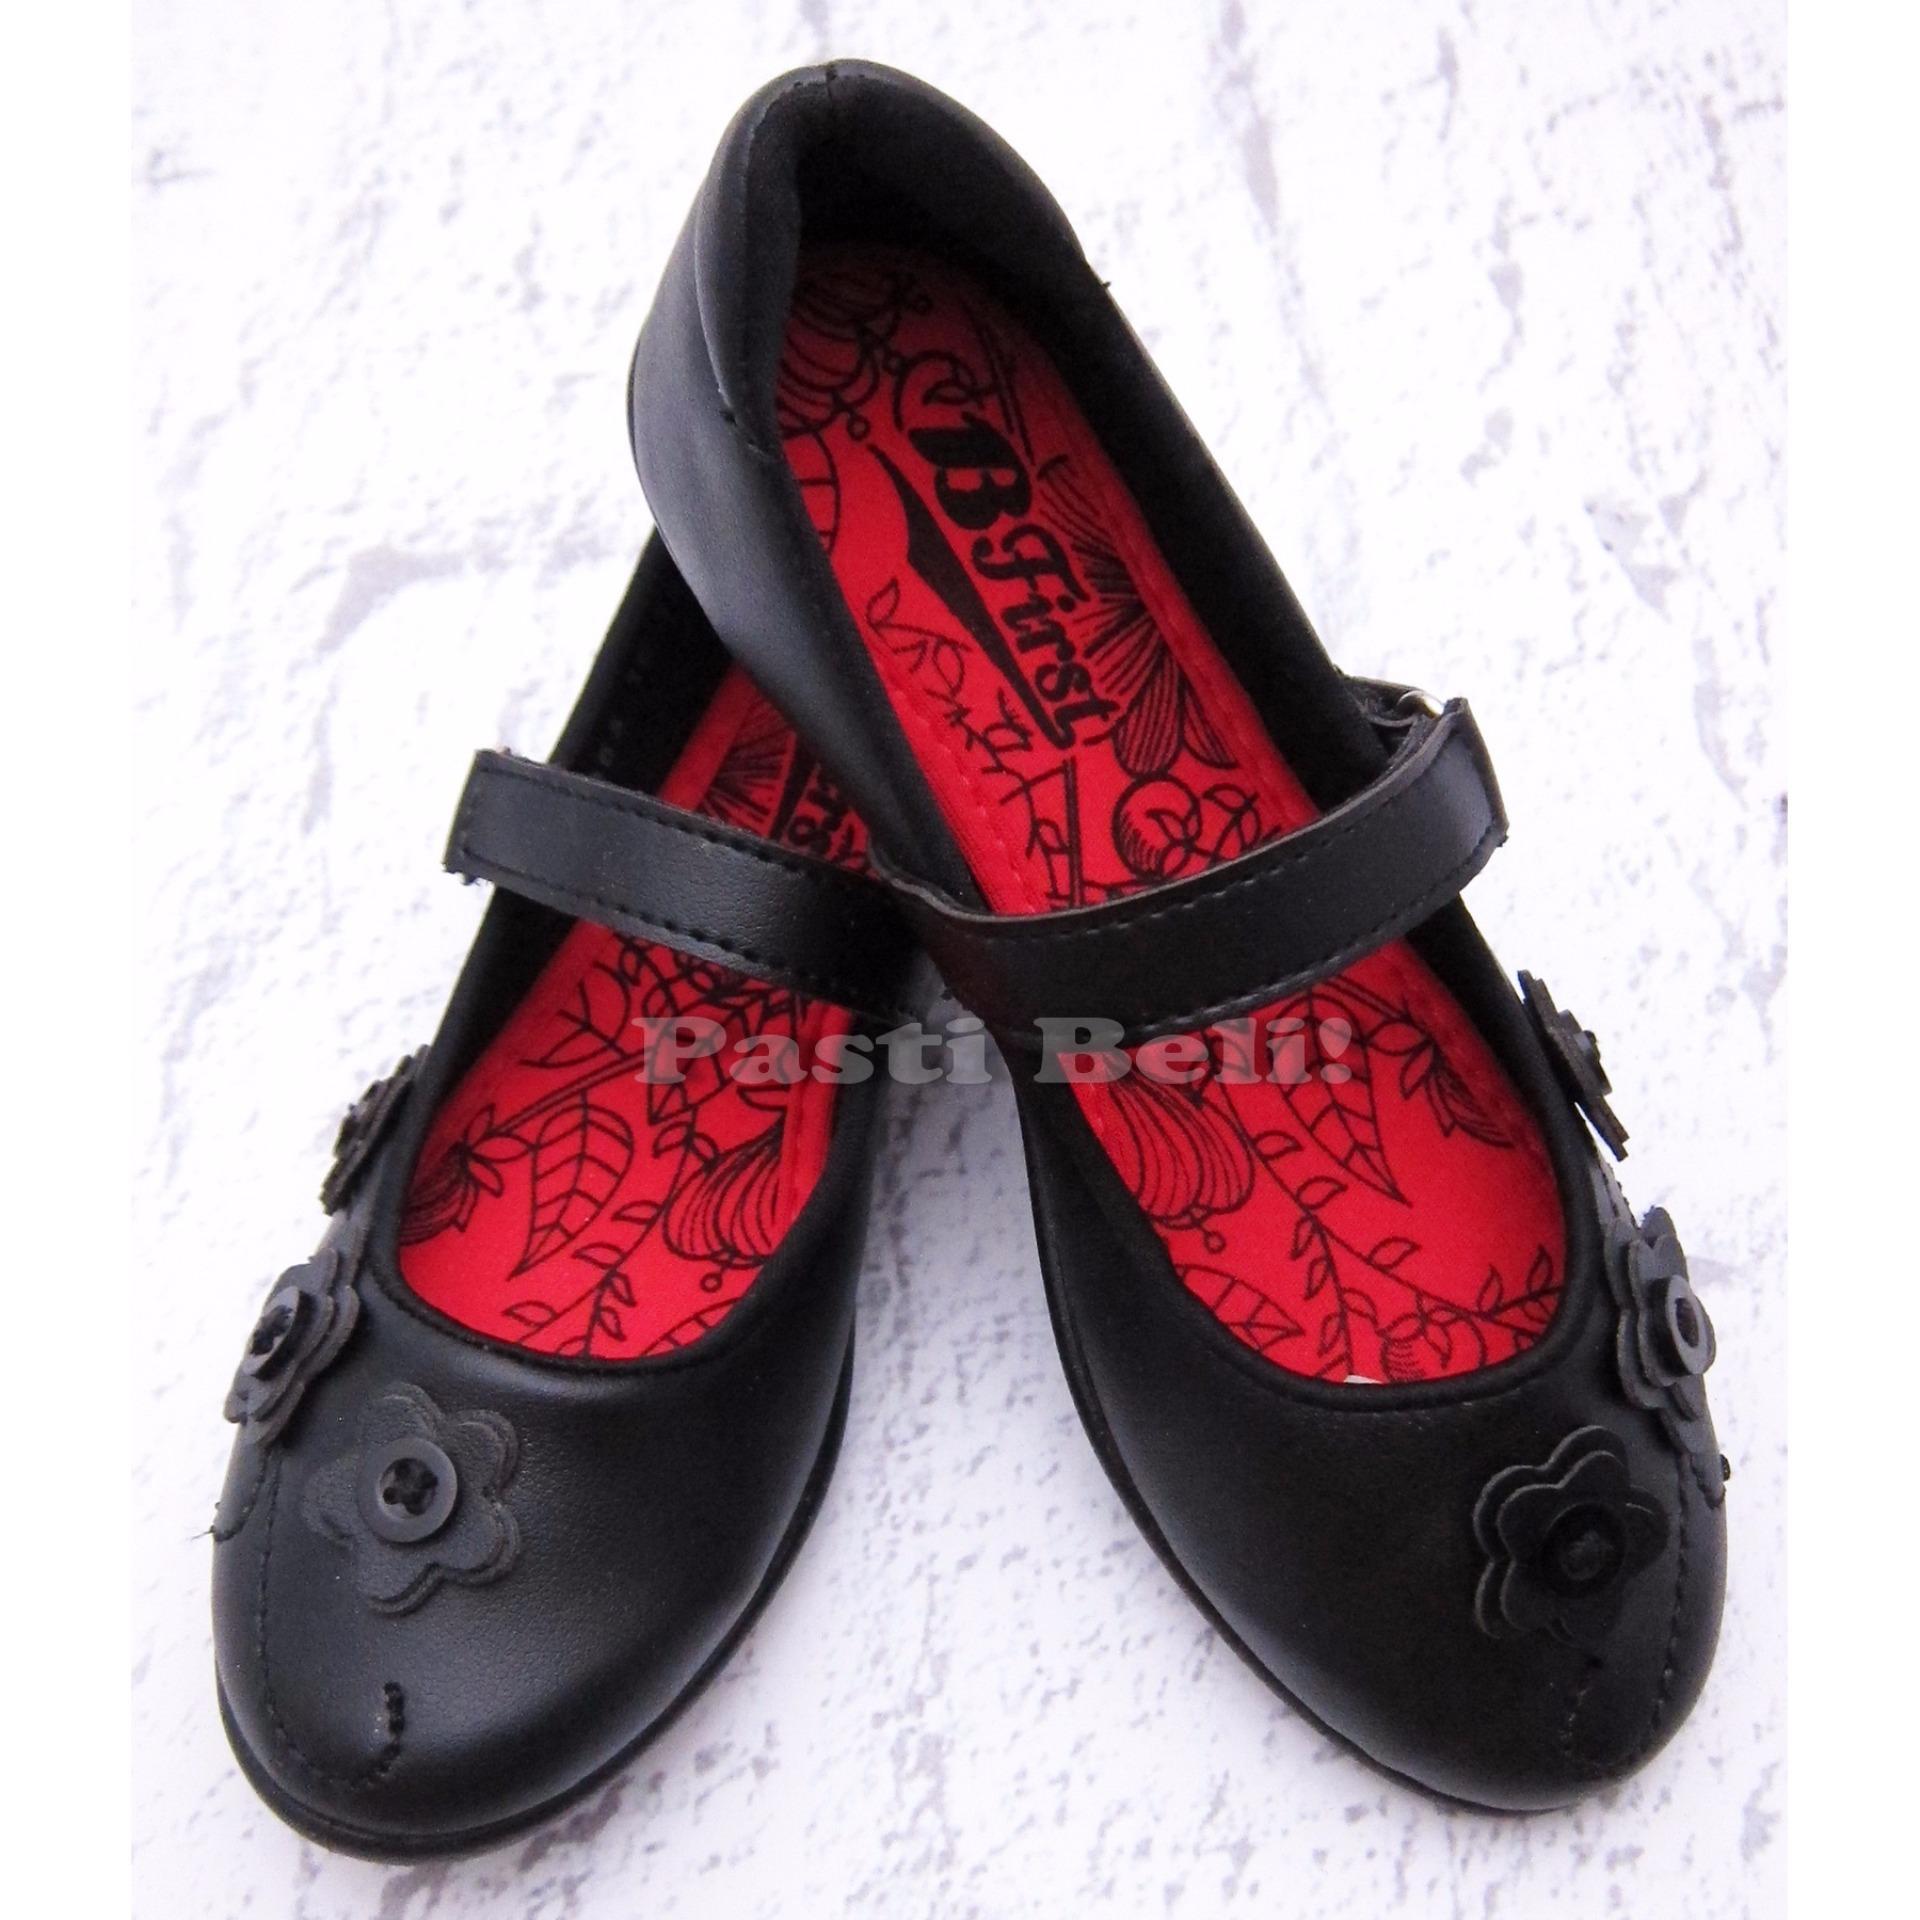 Bata Sepatu Anak Hitam 381 6501 Daftar Harga Terkini Dan Garucci Gda 9070 Casual Laki Sintetis Keren Cewe Cantik 6116